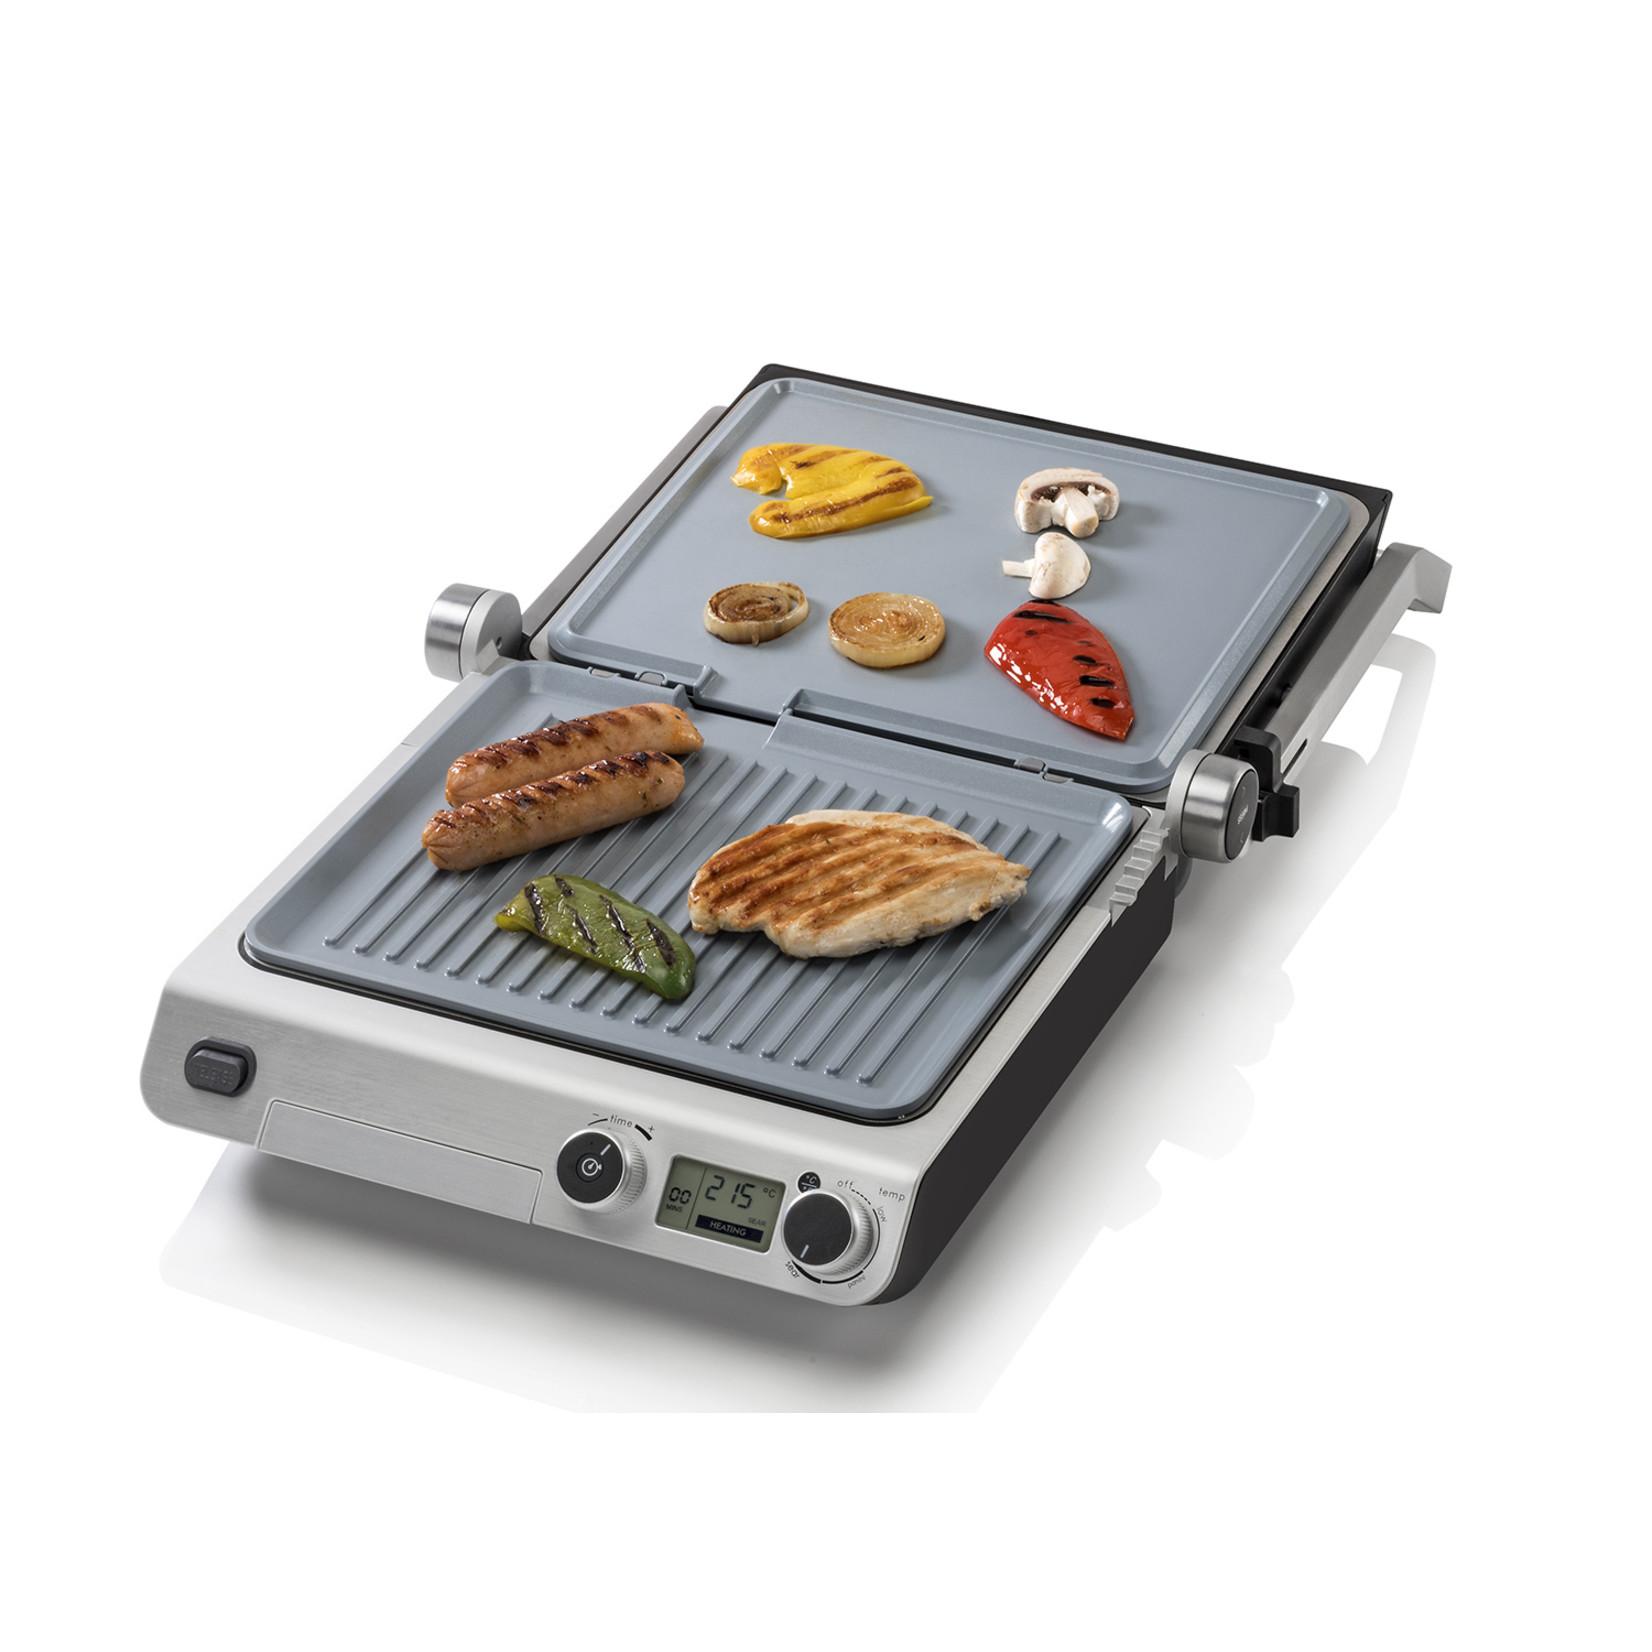 Espressions Espressions EP8700 Smart Grill